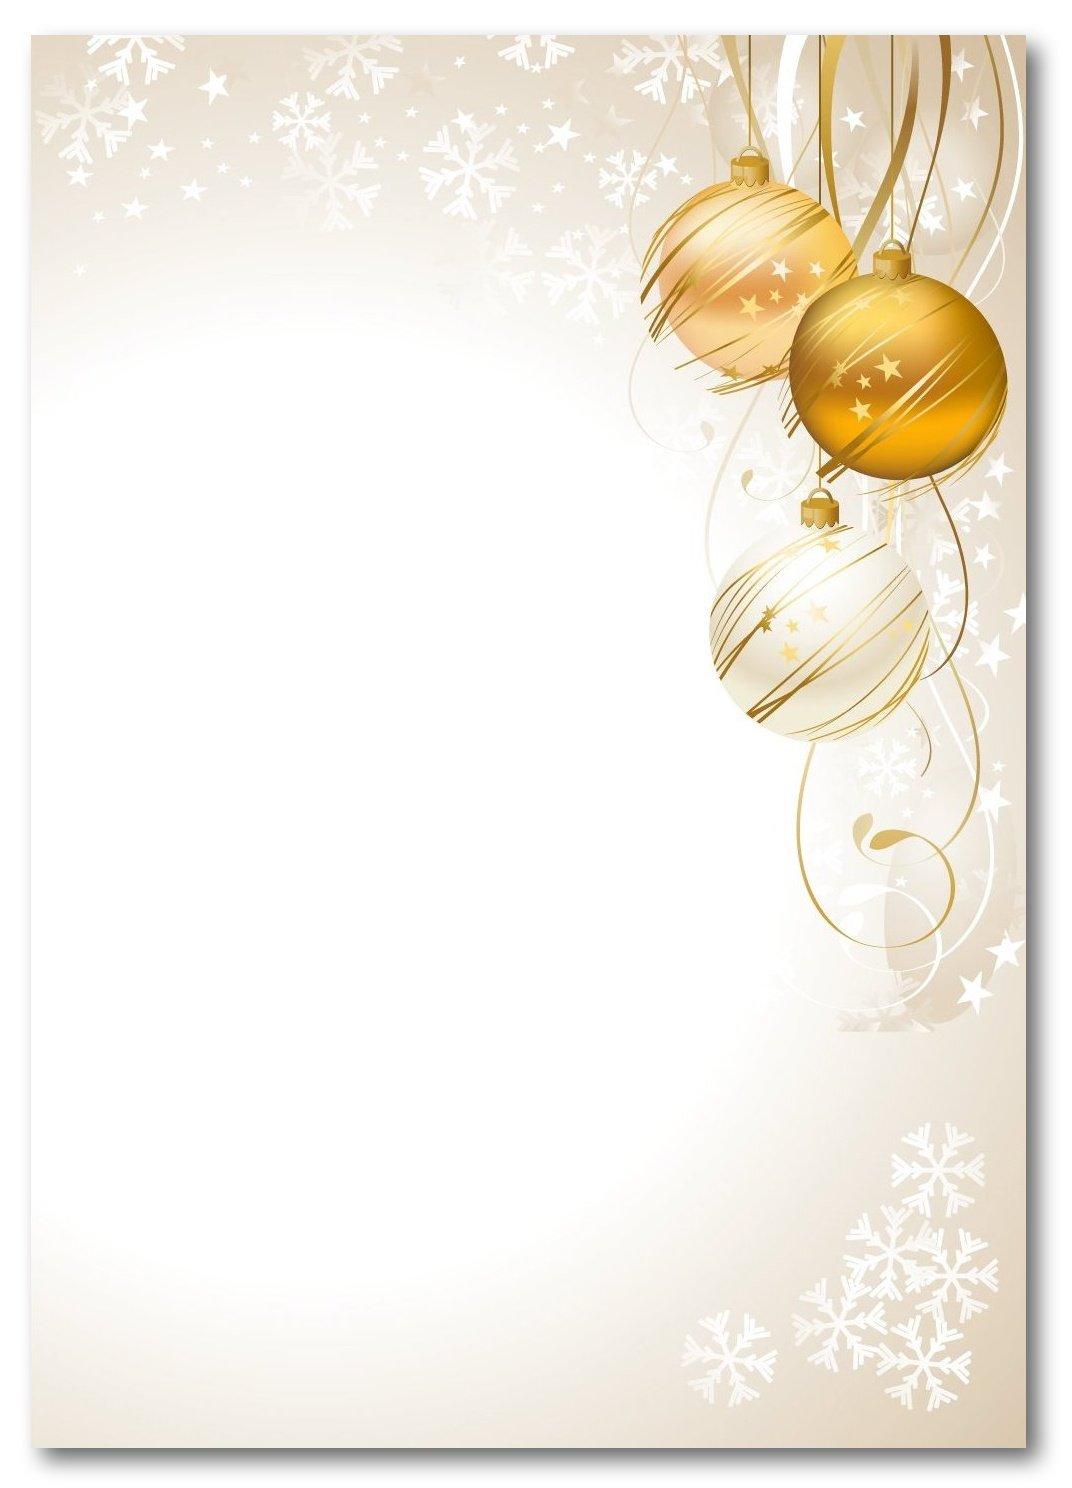 LYSCO Motivpapier Briefpapier (Weihnachten-5001, A4, 100 Blatt ...